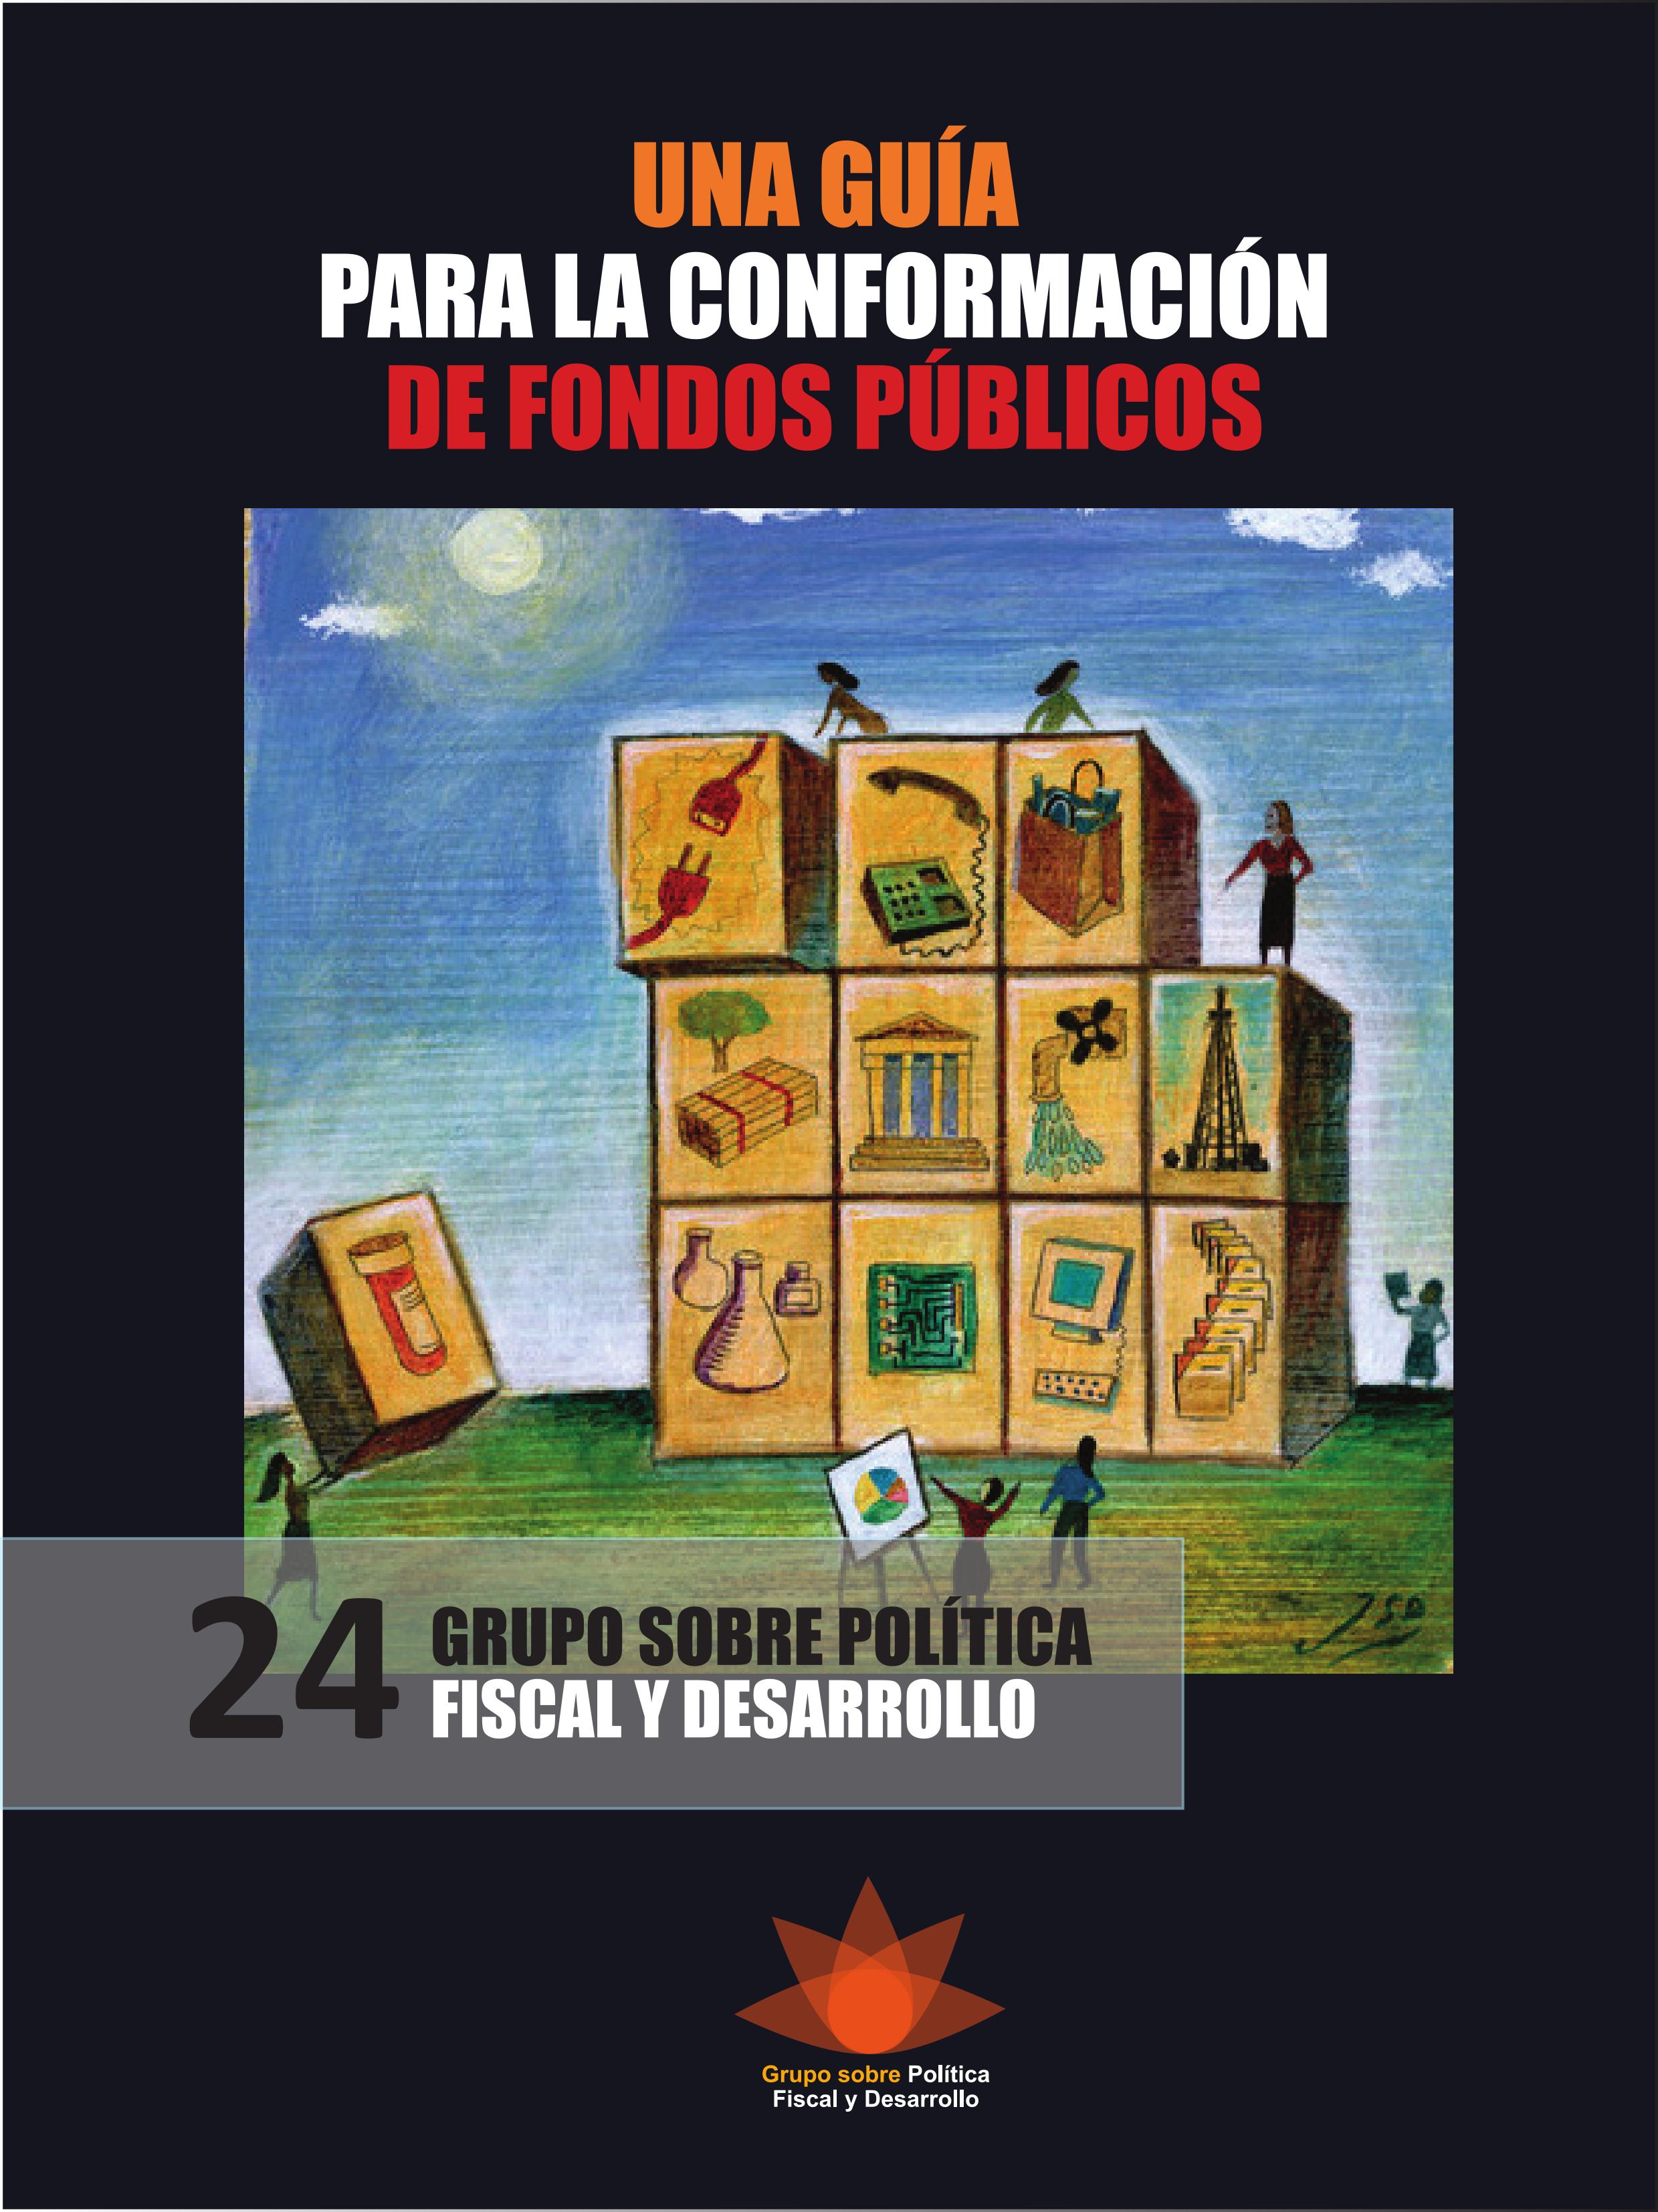 revista_gspf_24_una_guia_para_la_conformacion_de_fondos_publicos_001.png